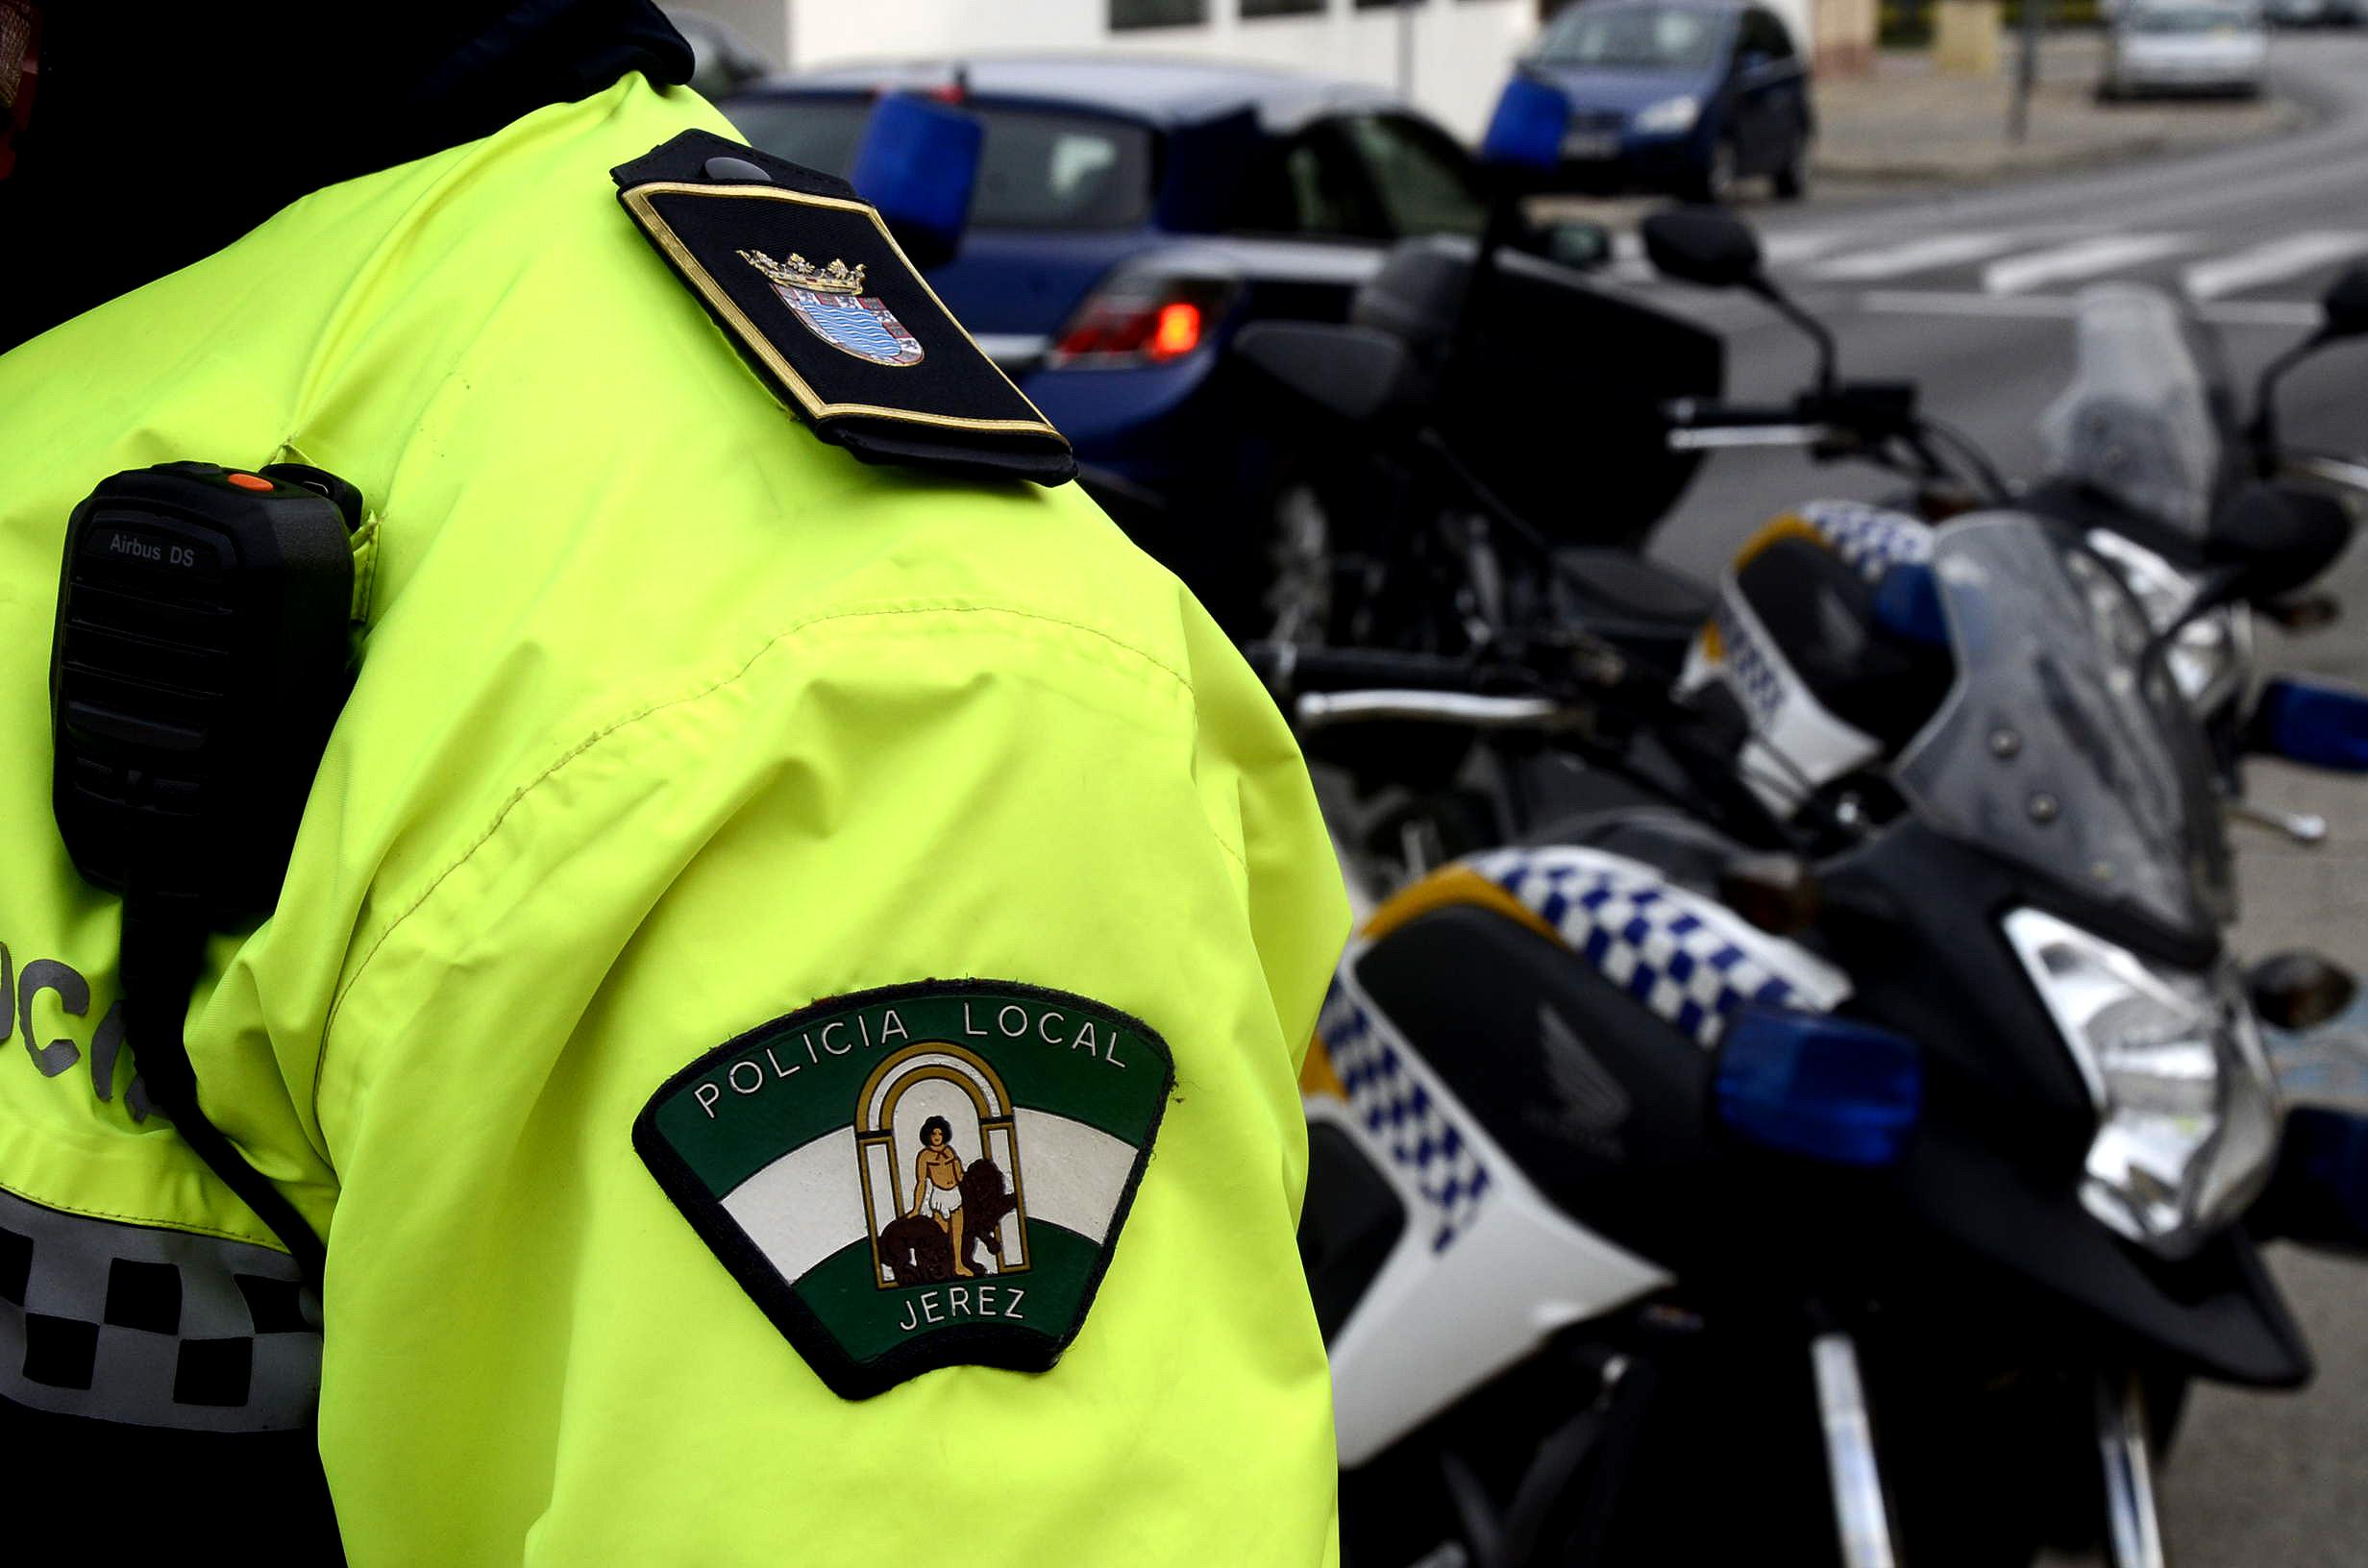 Policía Local. Fotografía de archivo